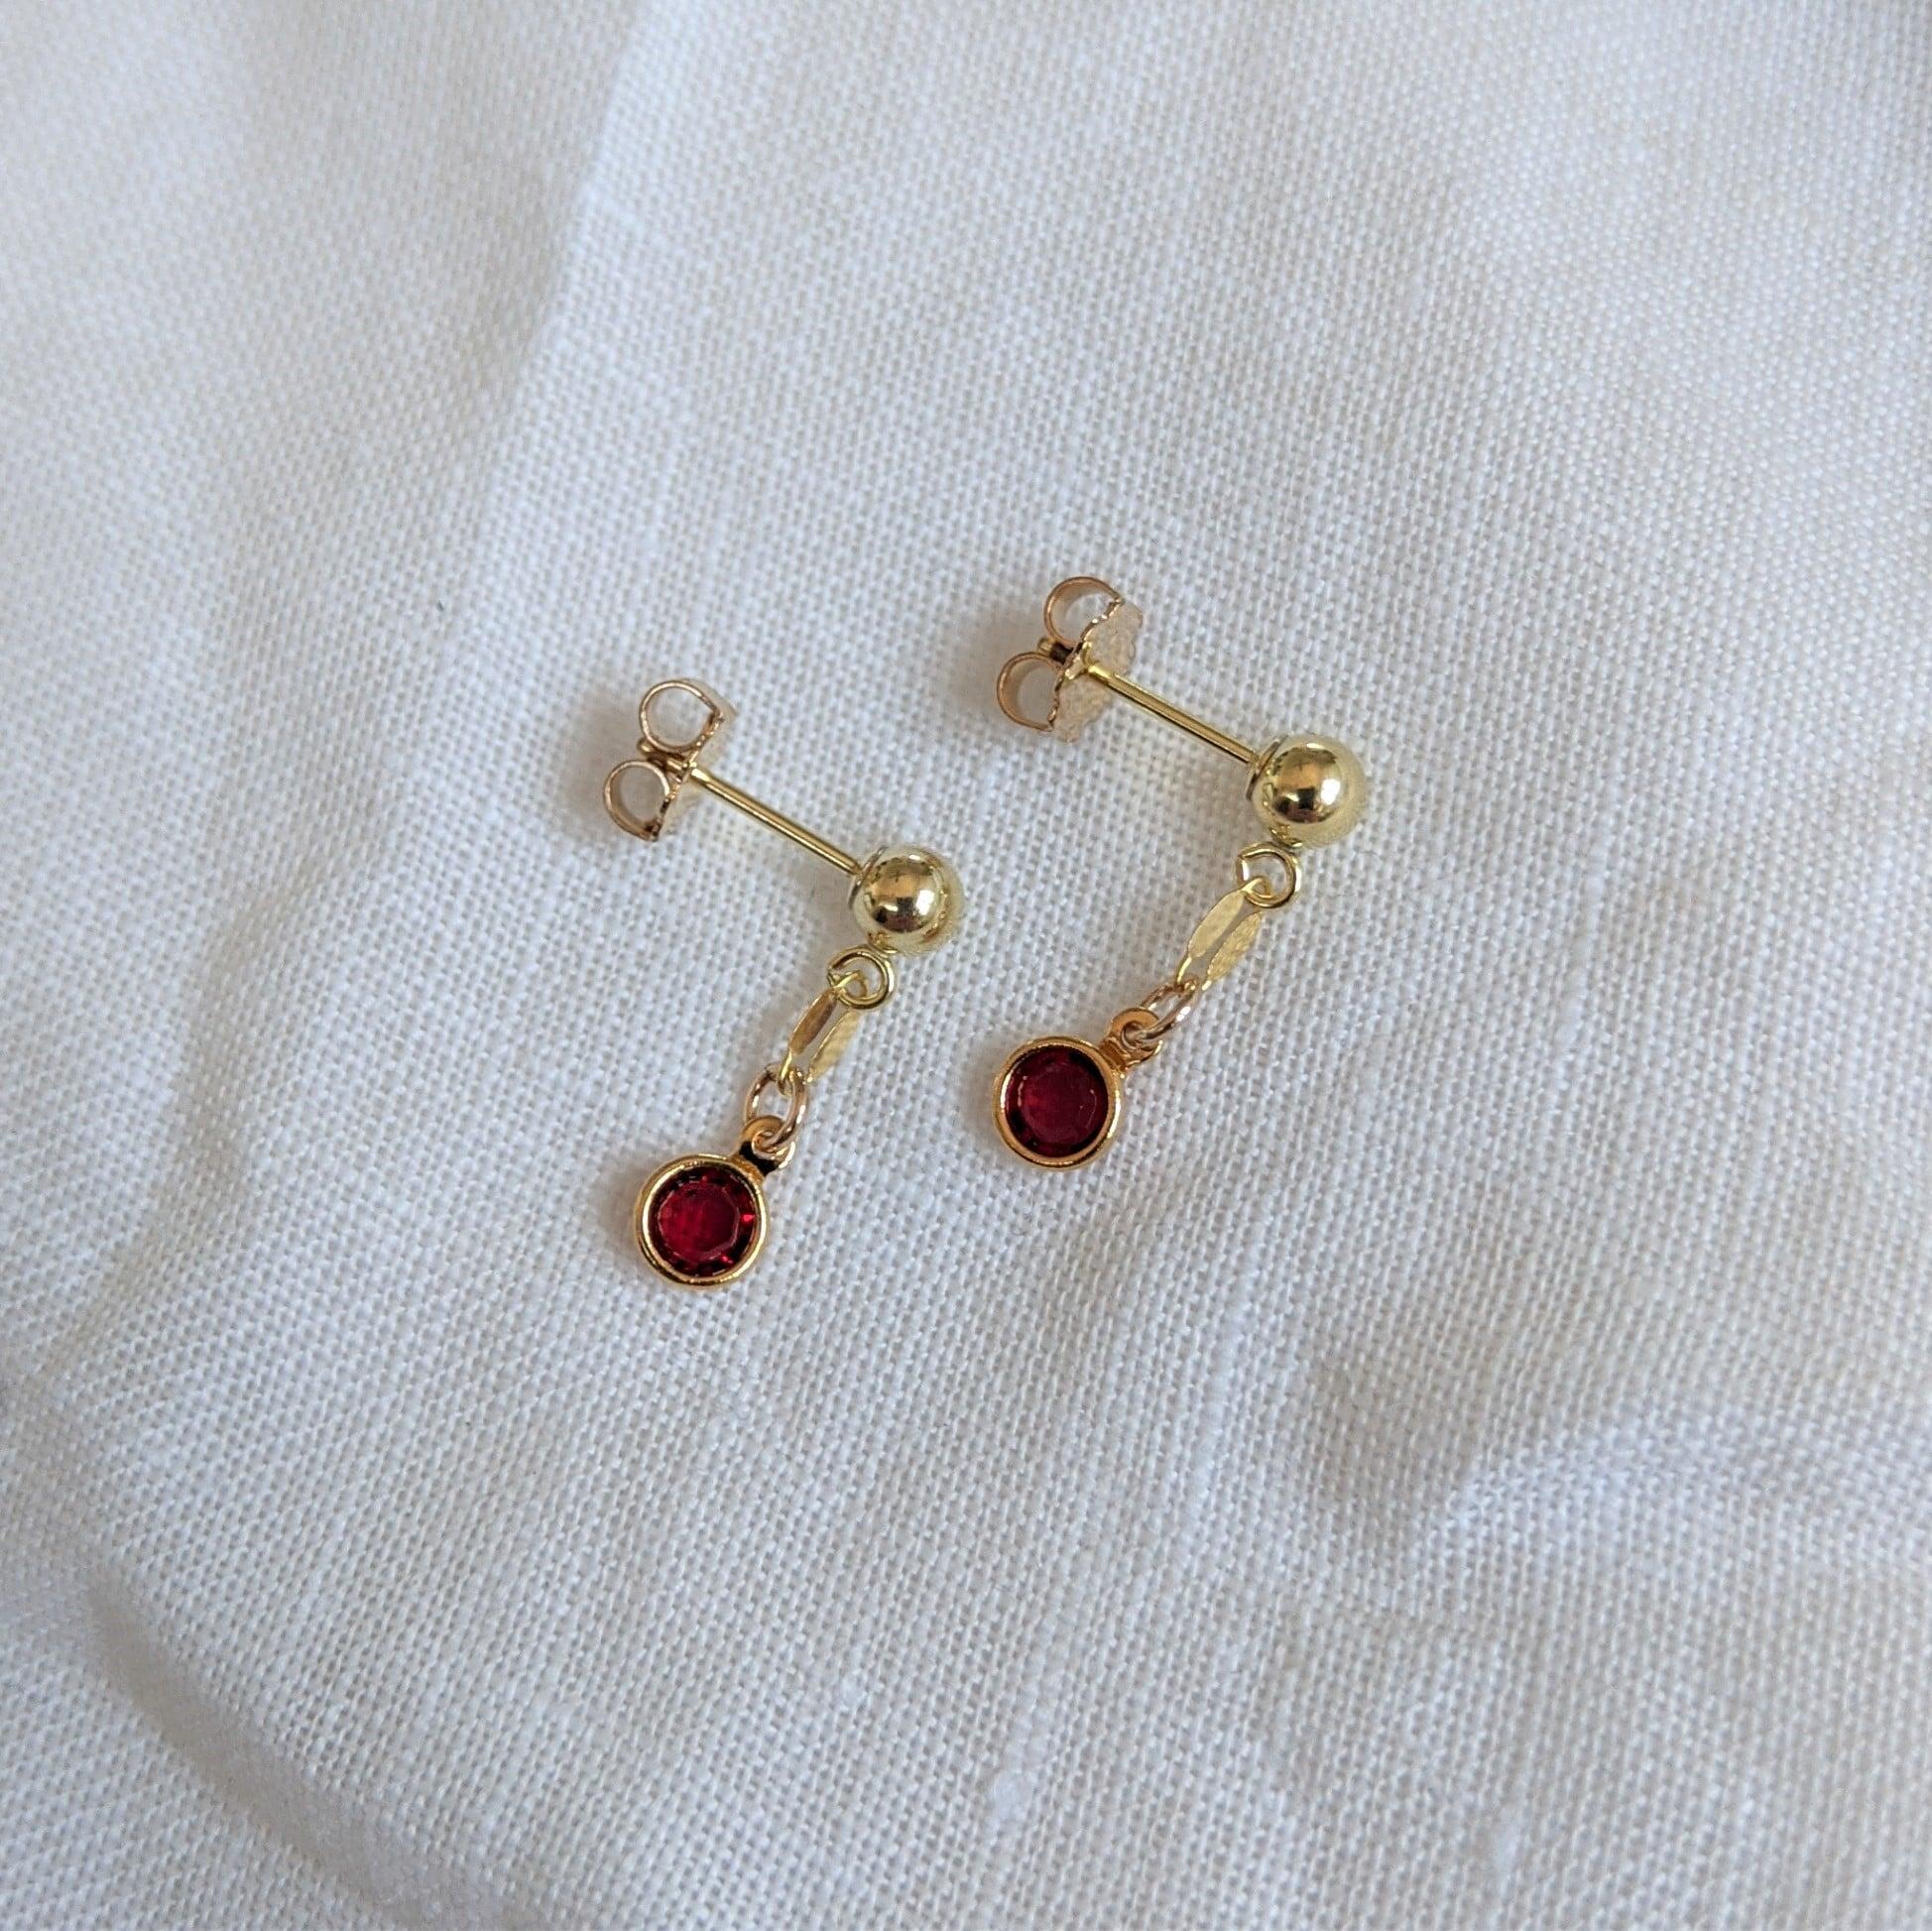 Gem Drop Earrings Siam In 14k Gold Filled By Little Hangings